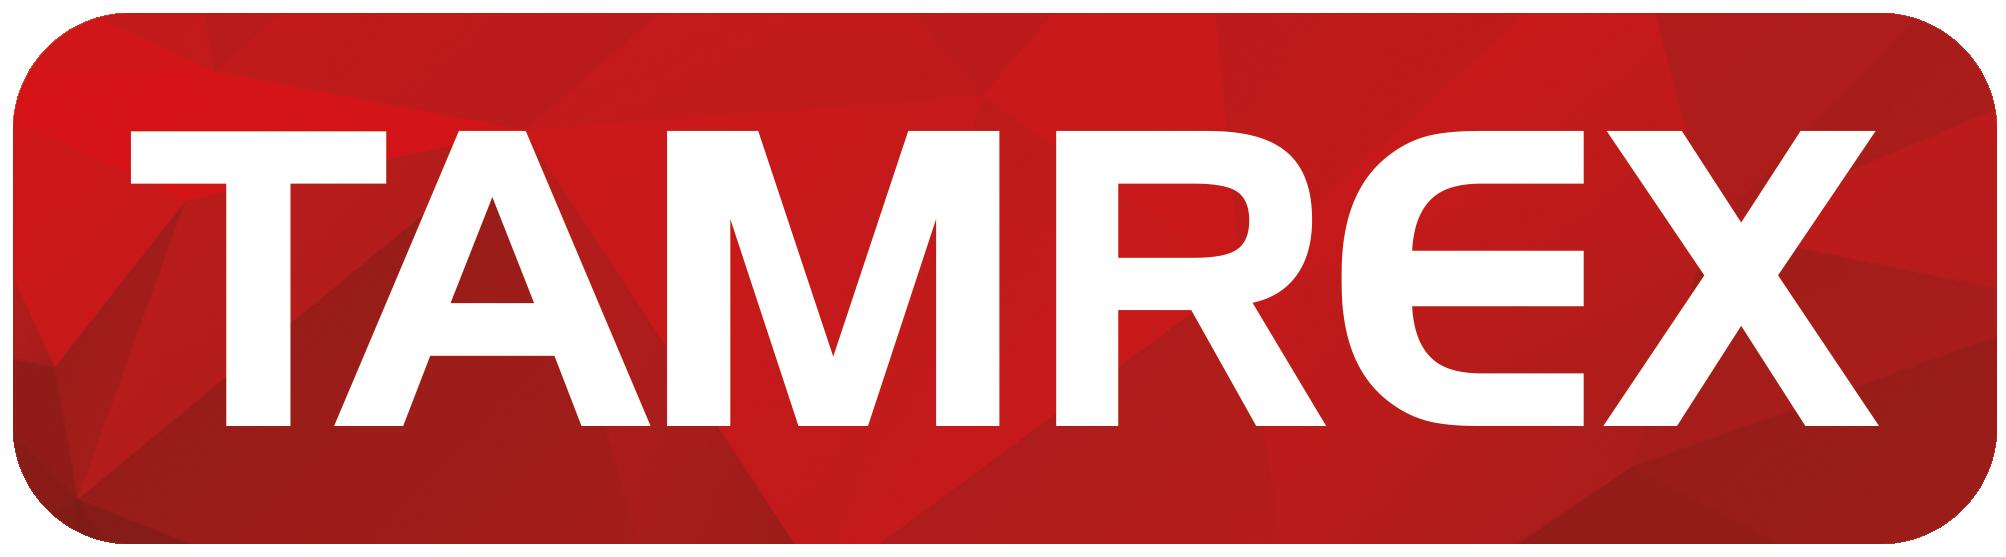 Tamrex_logo_CMYK_2017